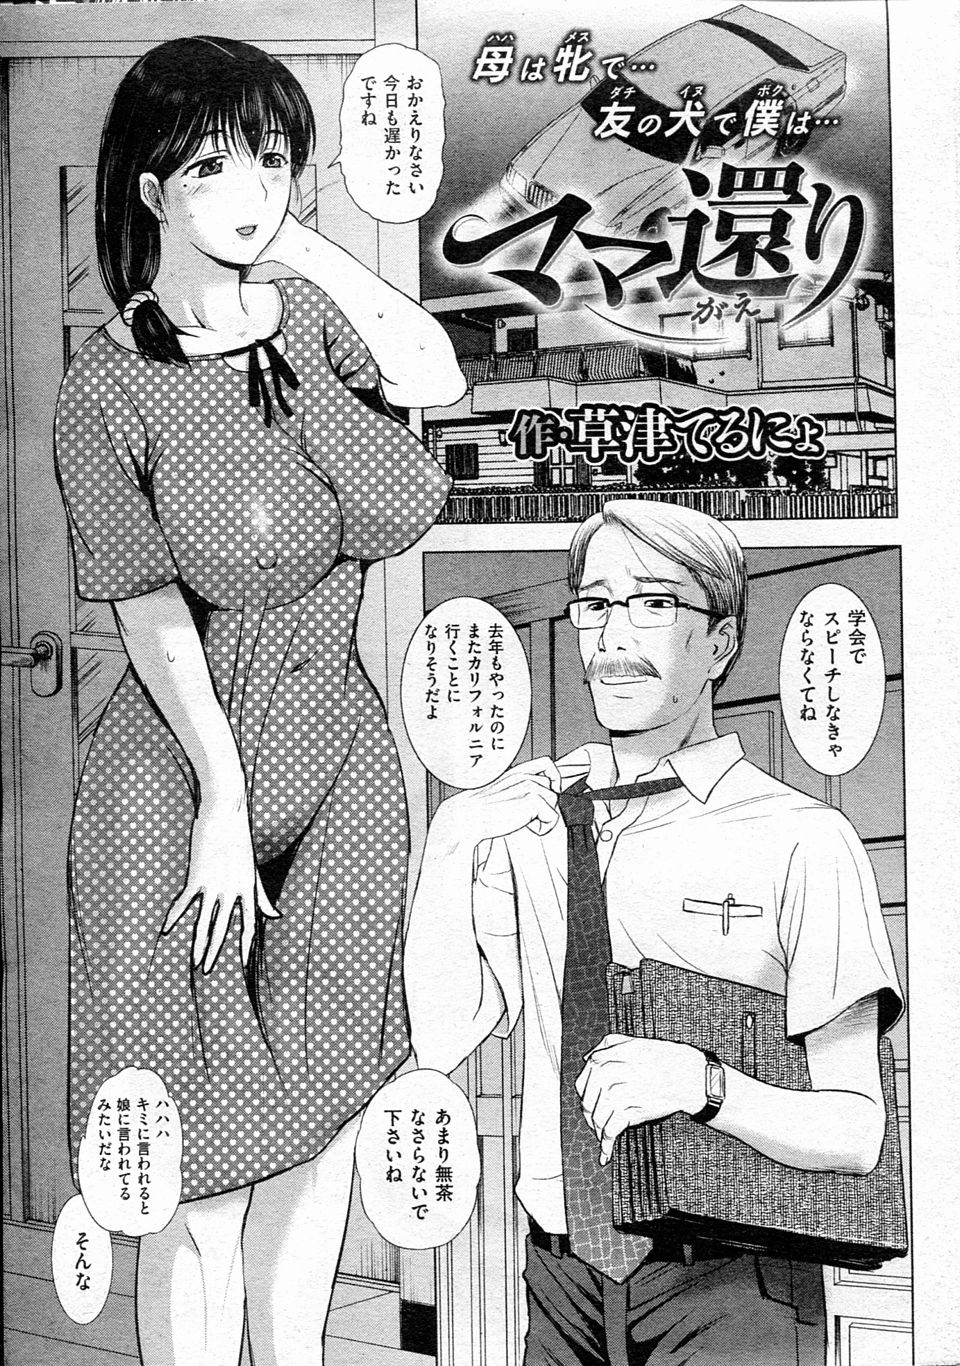 [草津てるにょ] ママ還り (1)